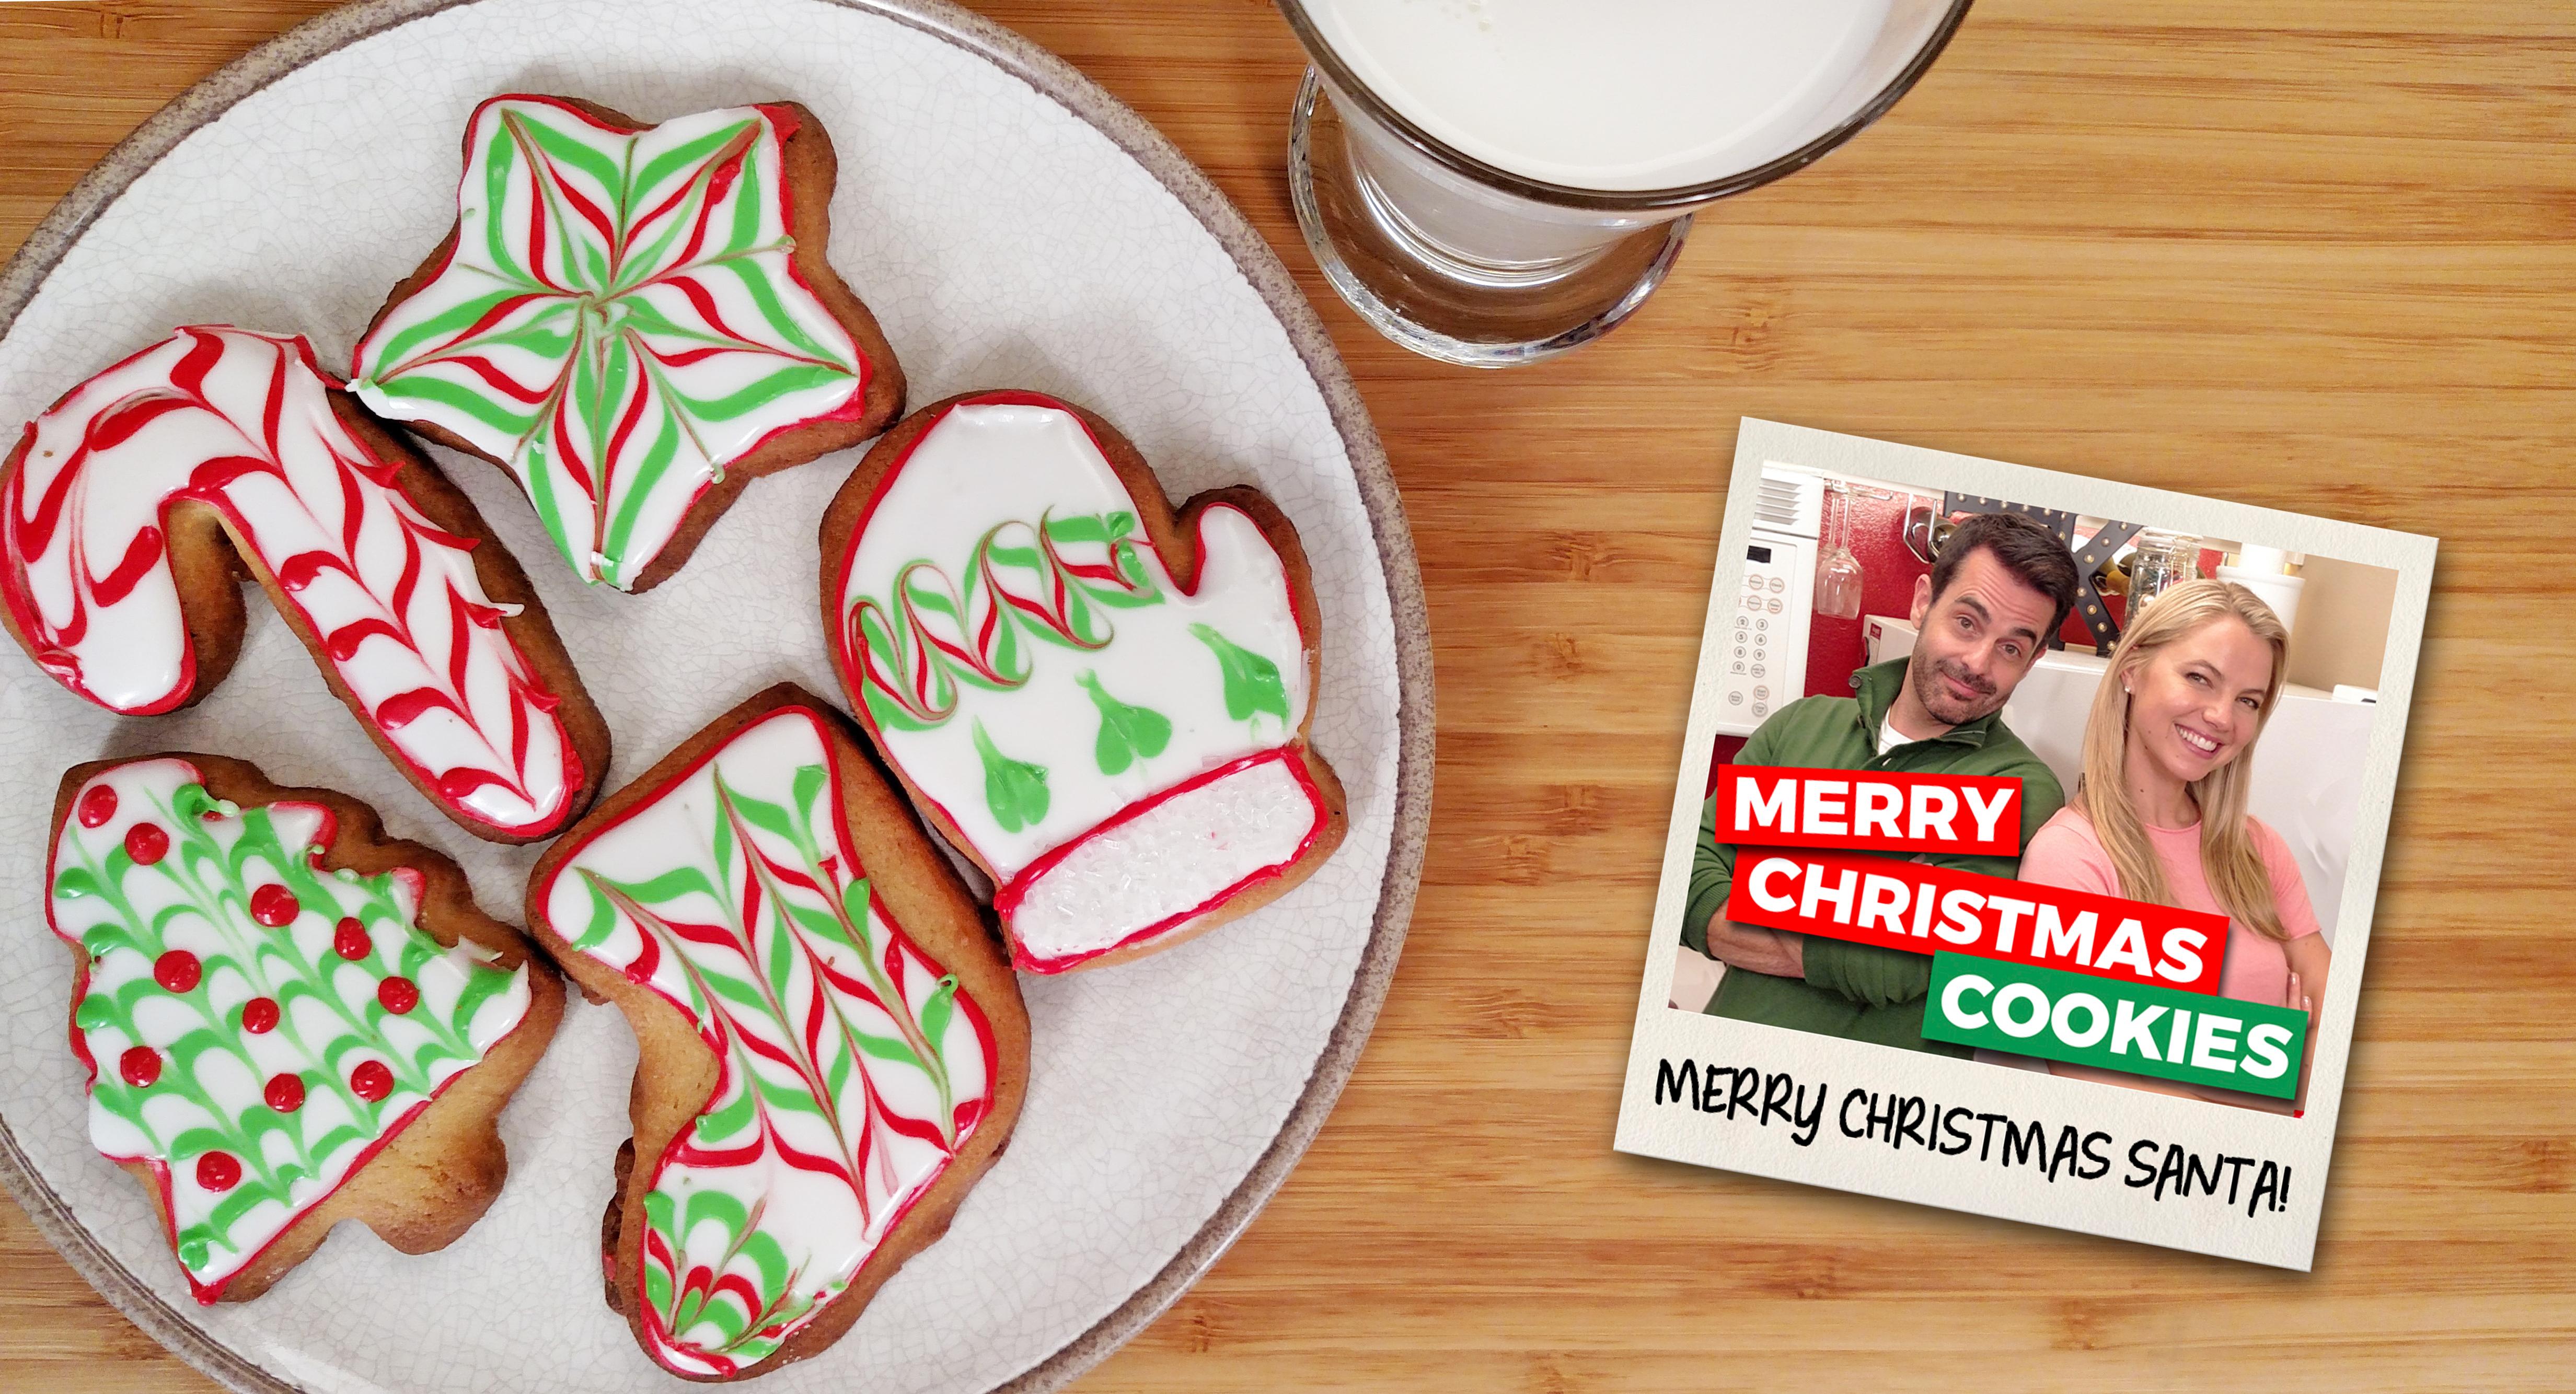 Merry Christmas Cookies Feat Natalie Korzon Tiny Kitchen Big Taste